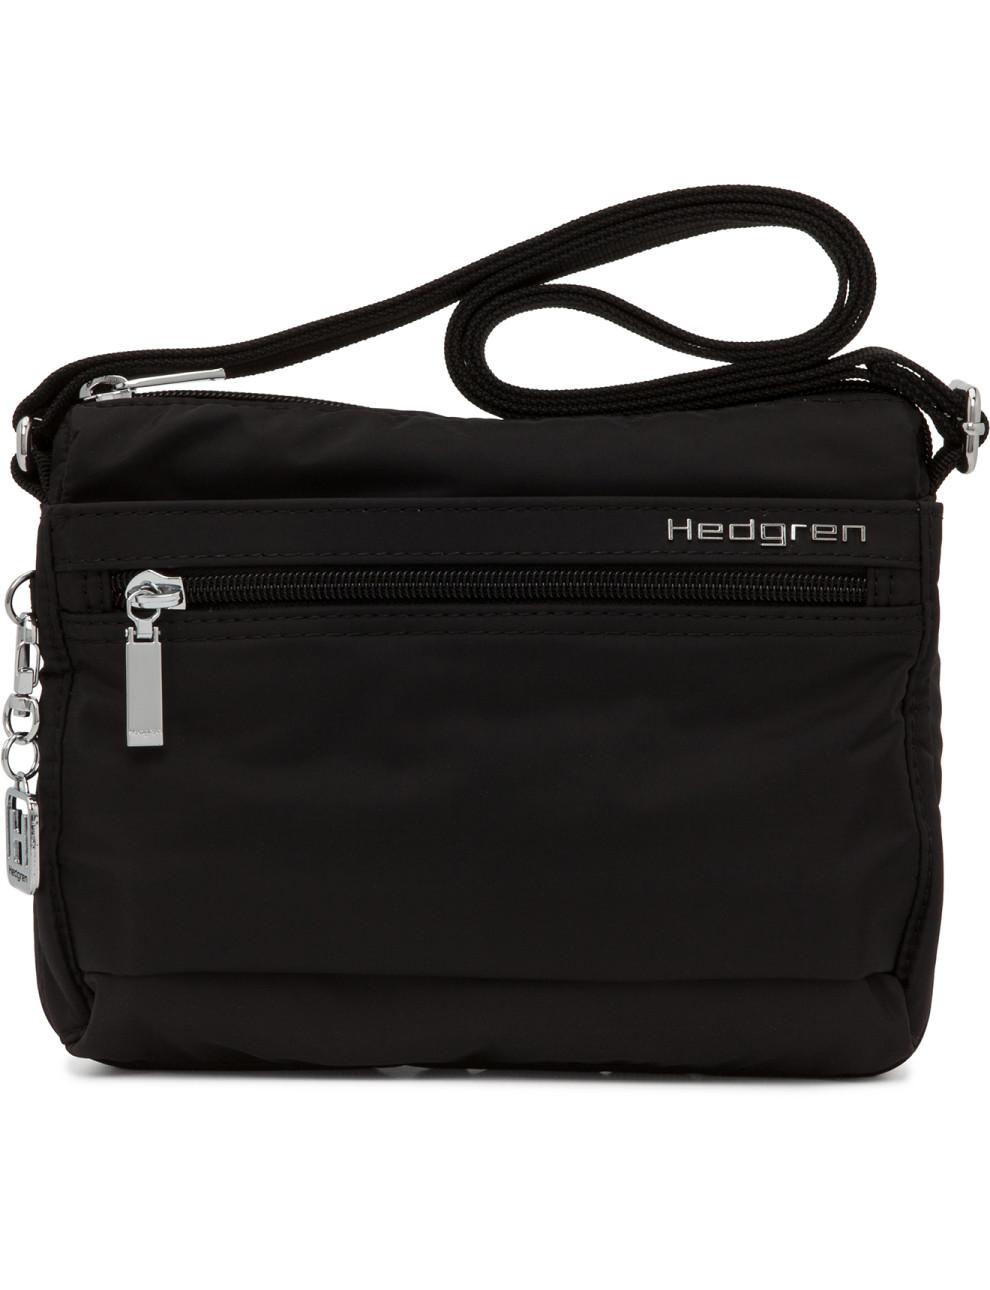 Hedgren Diamond Shoulder Bag 27